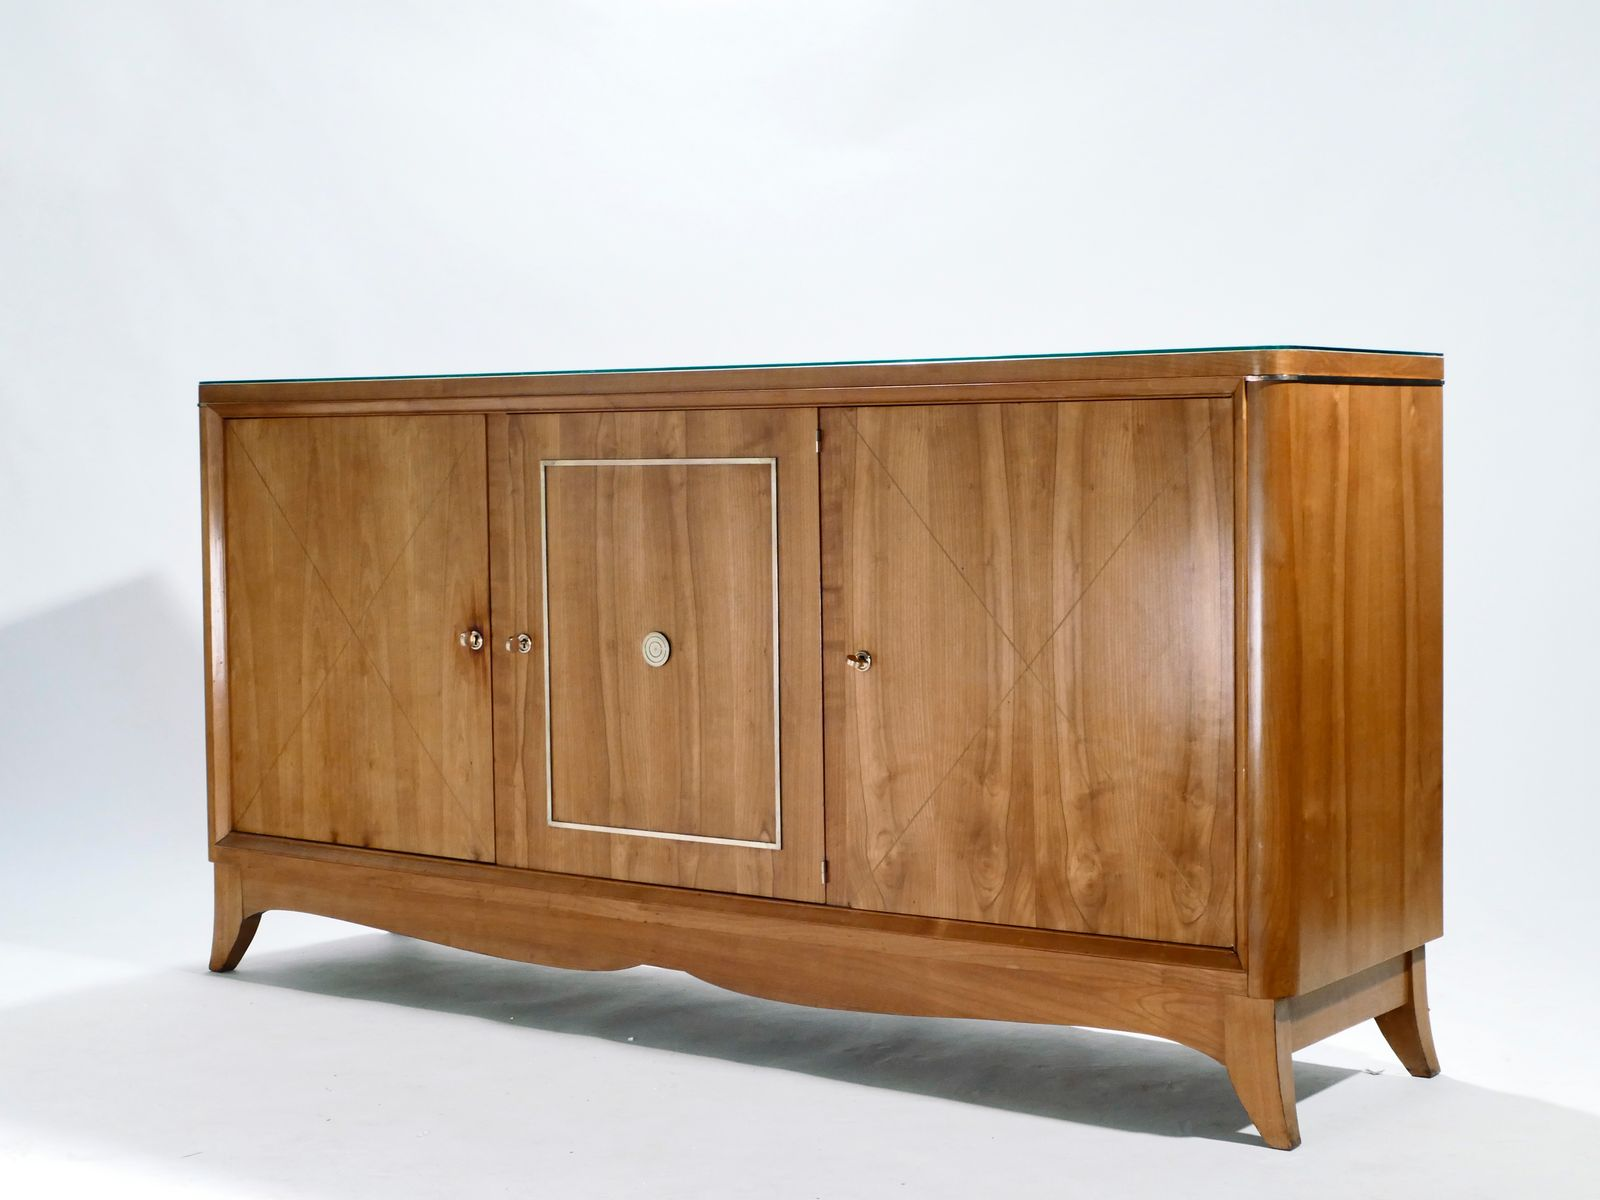 Credenza Moderna Ciliegio : Credenza modernista in legno di ciliegio e ottone jacques adnet